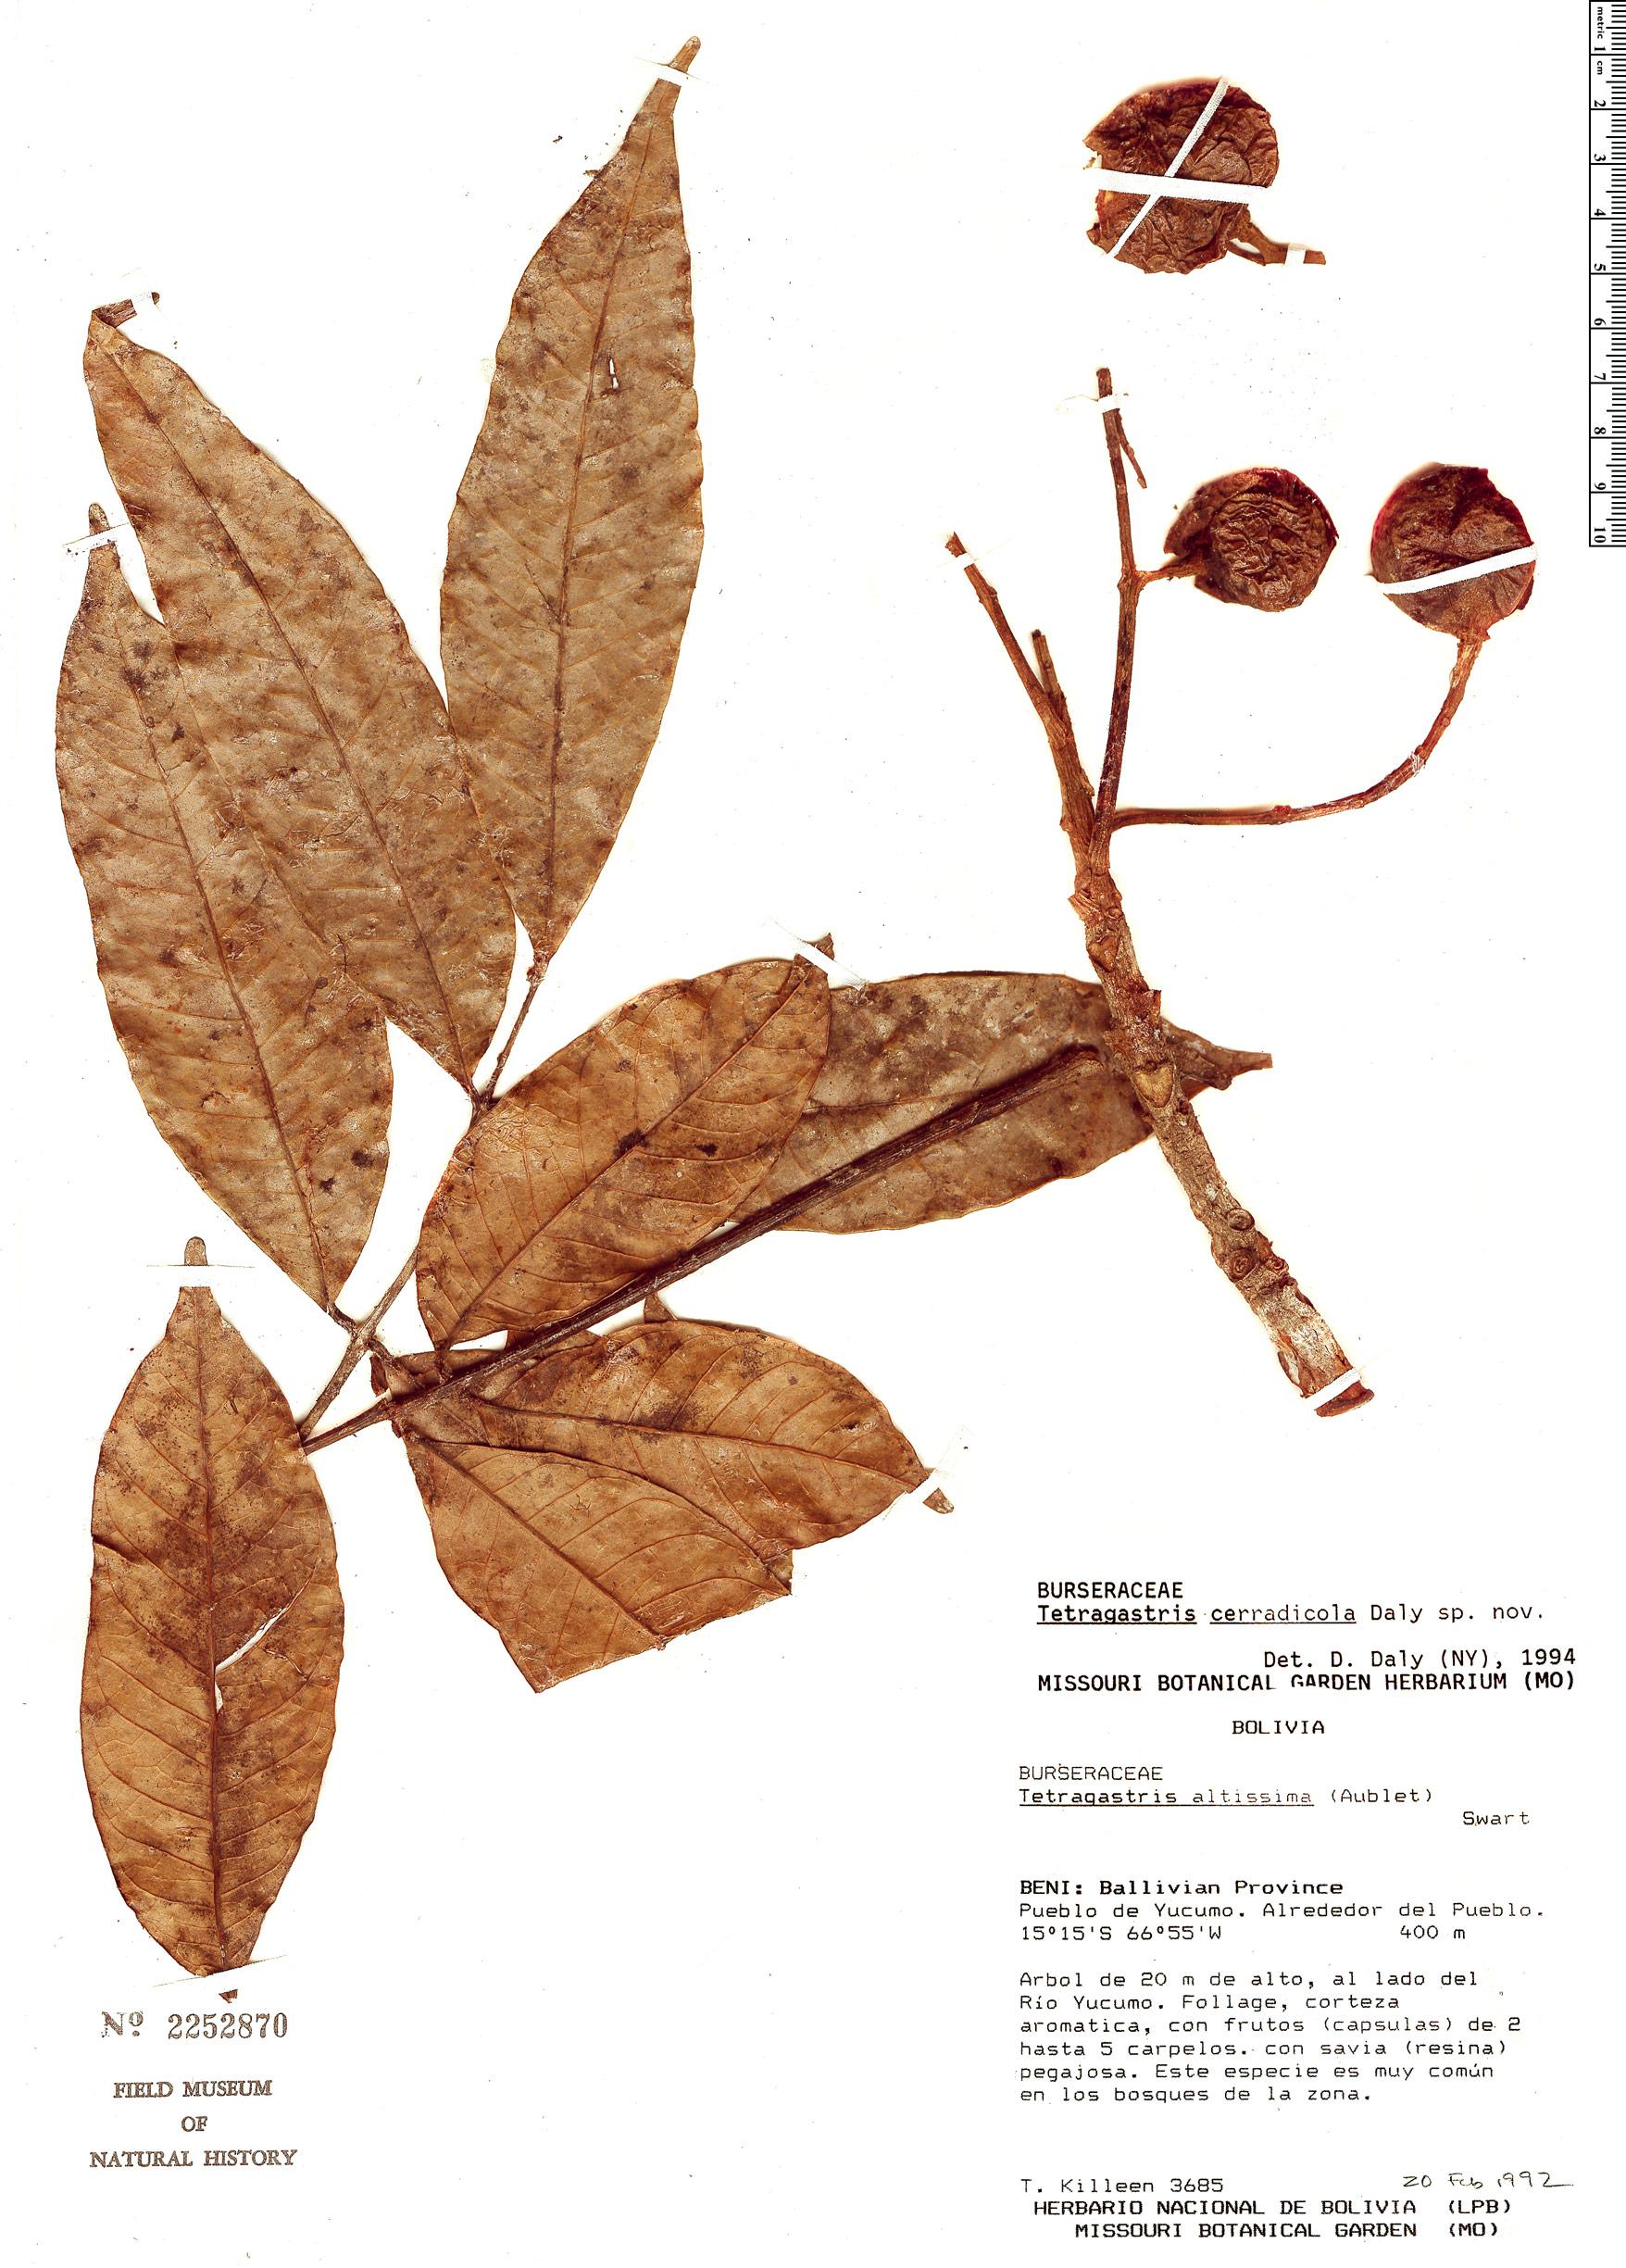 Specimen: Tetragastris cerradicola